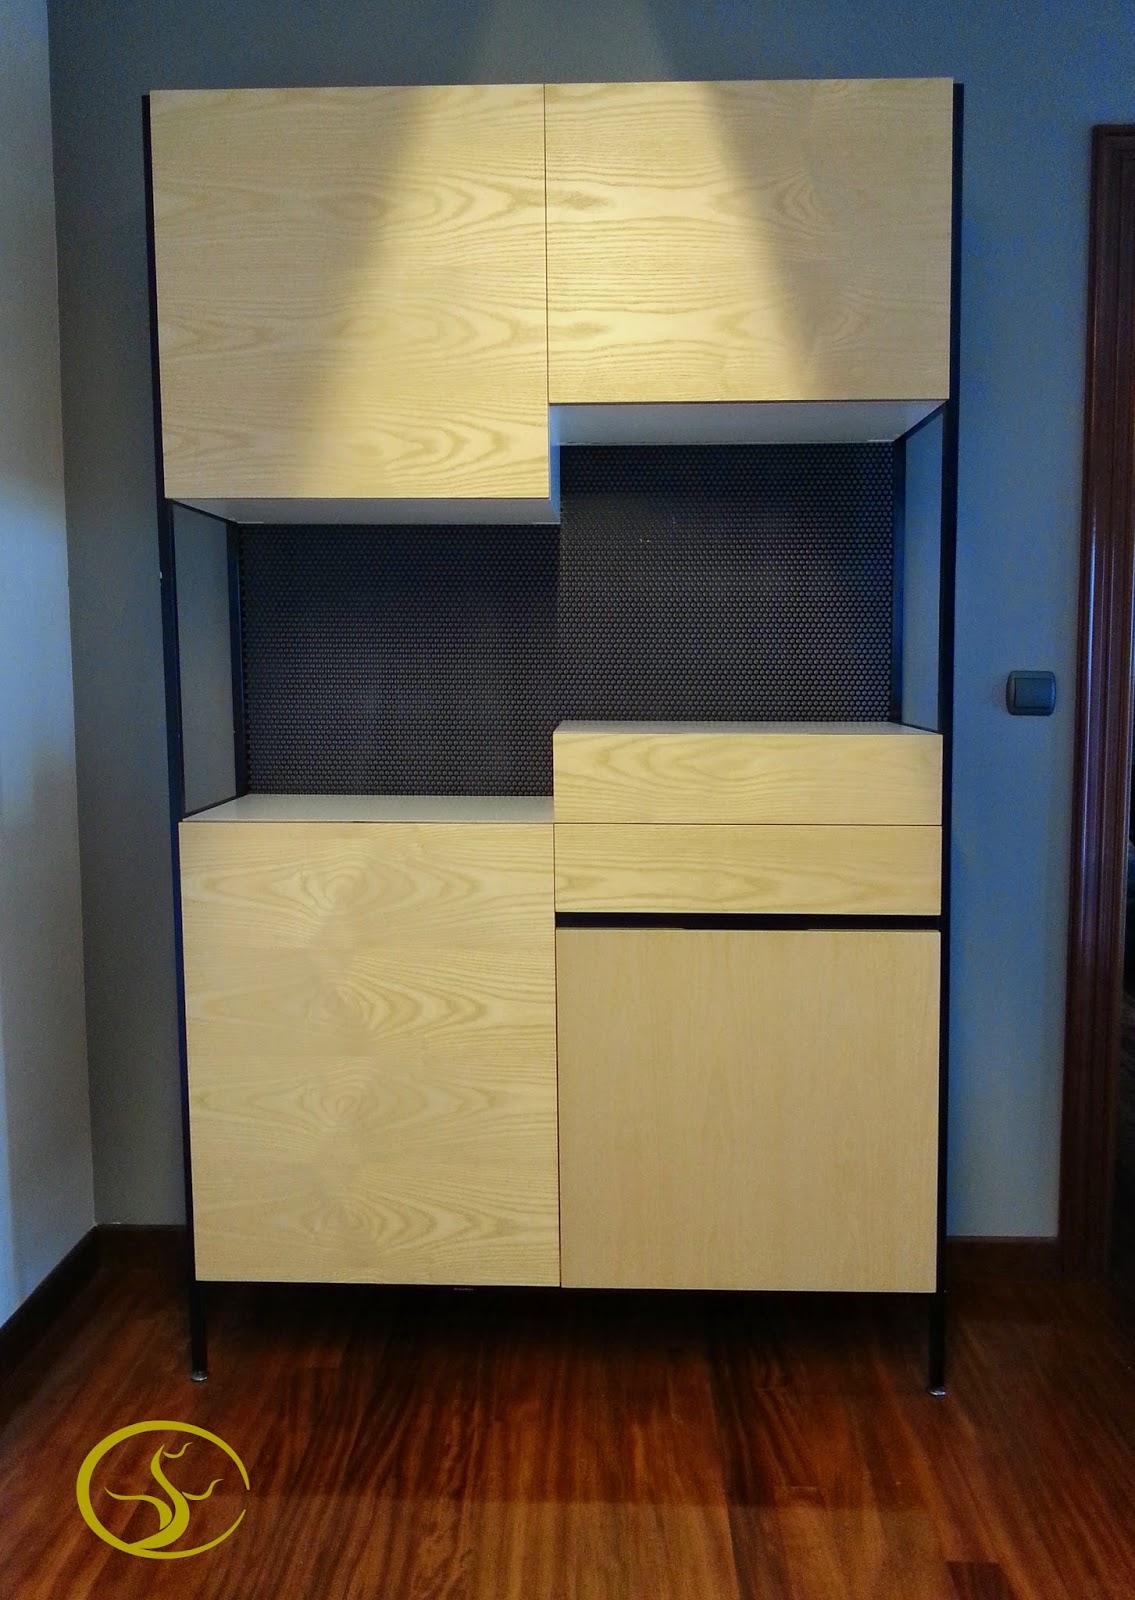 Sfc muebles sostenibles y creativos m s mobiliario for Muebles sostenibles